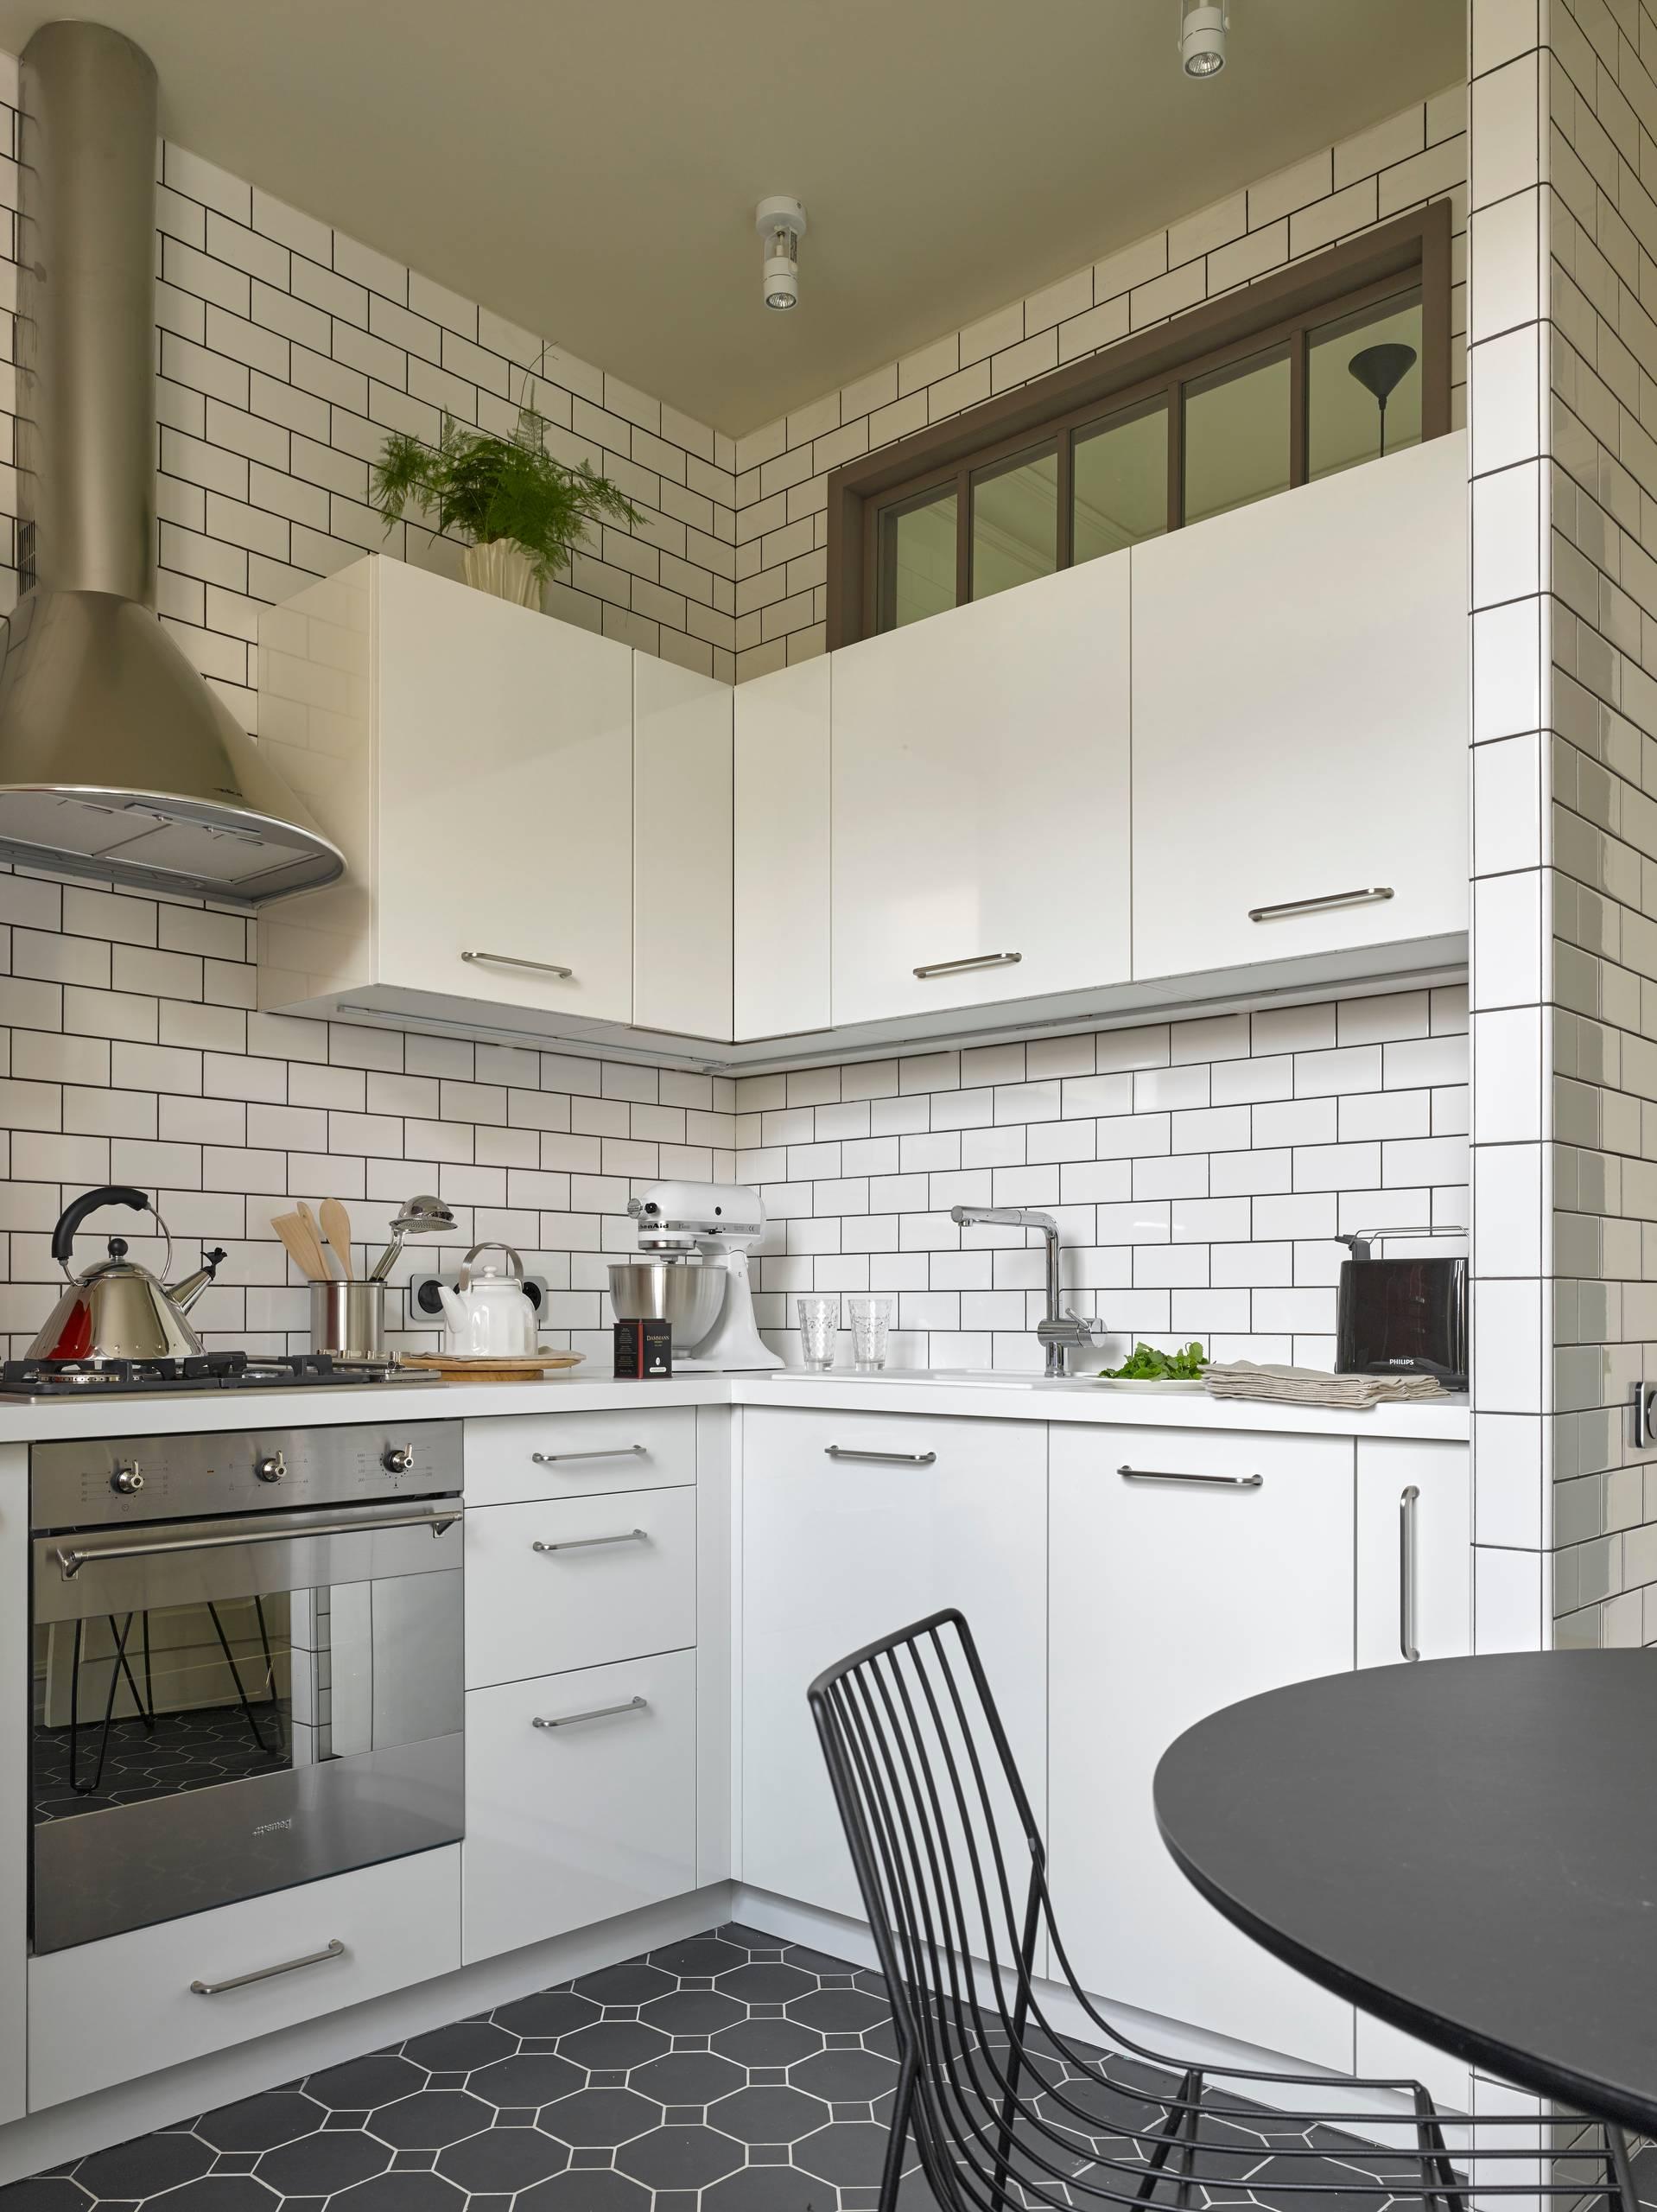 Ремонт кухни 6 кв метров своими руками — фото примеров